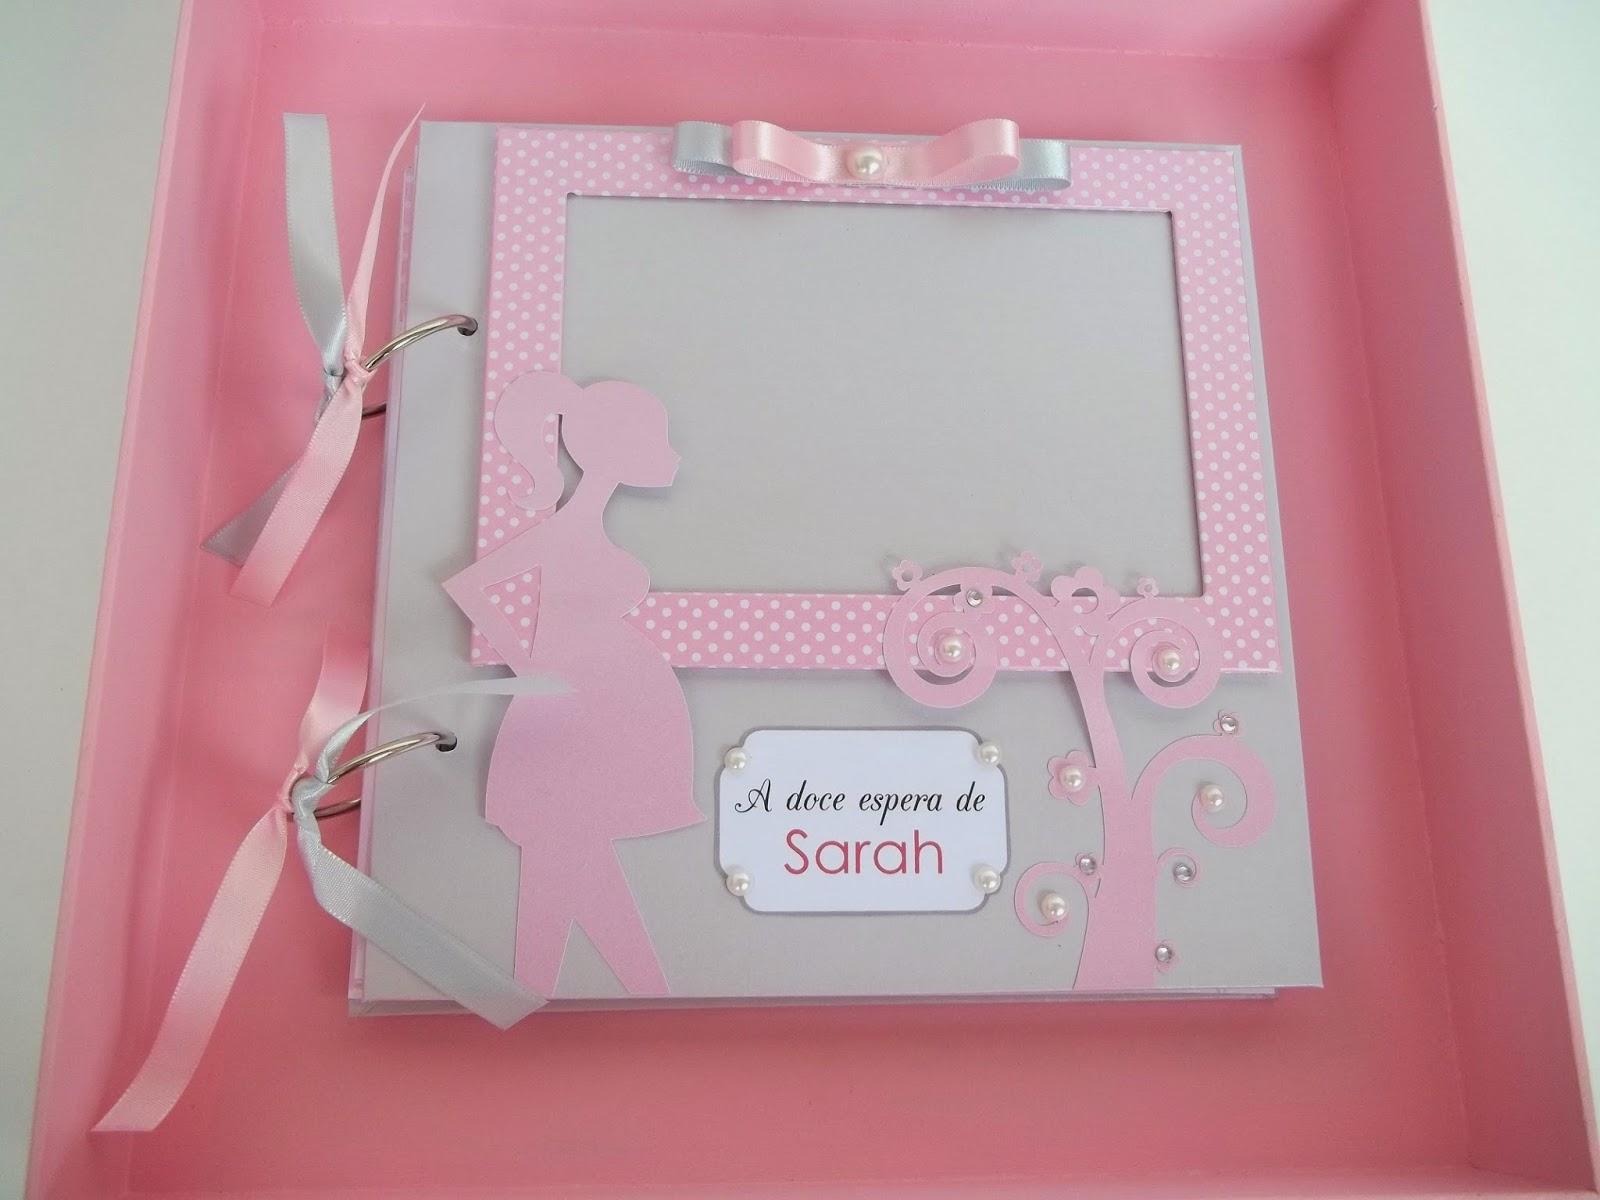 diário da gestação, scrapbook, meu diário da gravidez, diário para grávidas, presente para grávida, álbum de recordações da gravidez